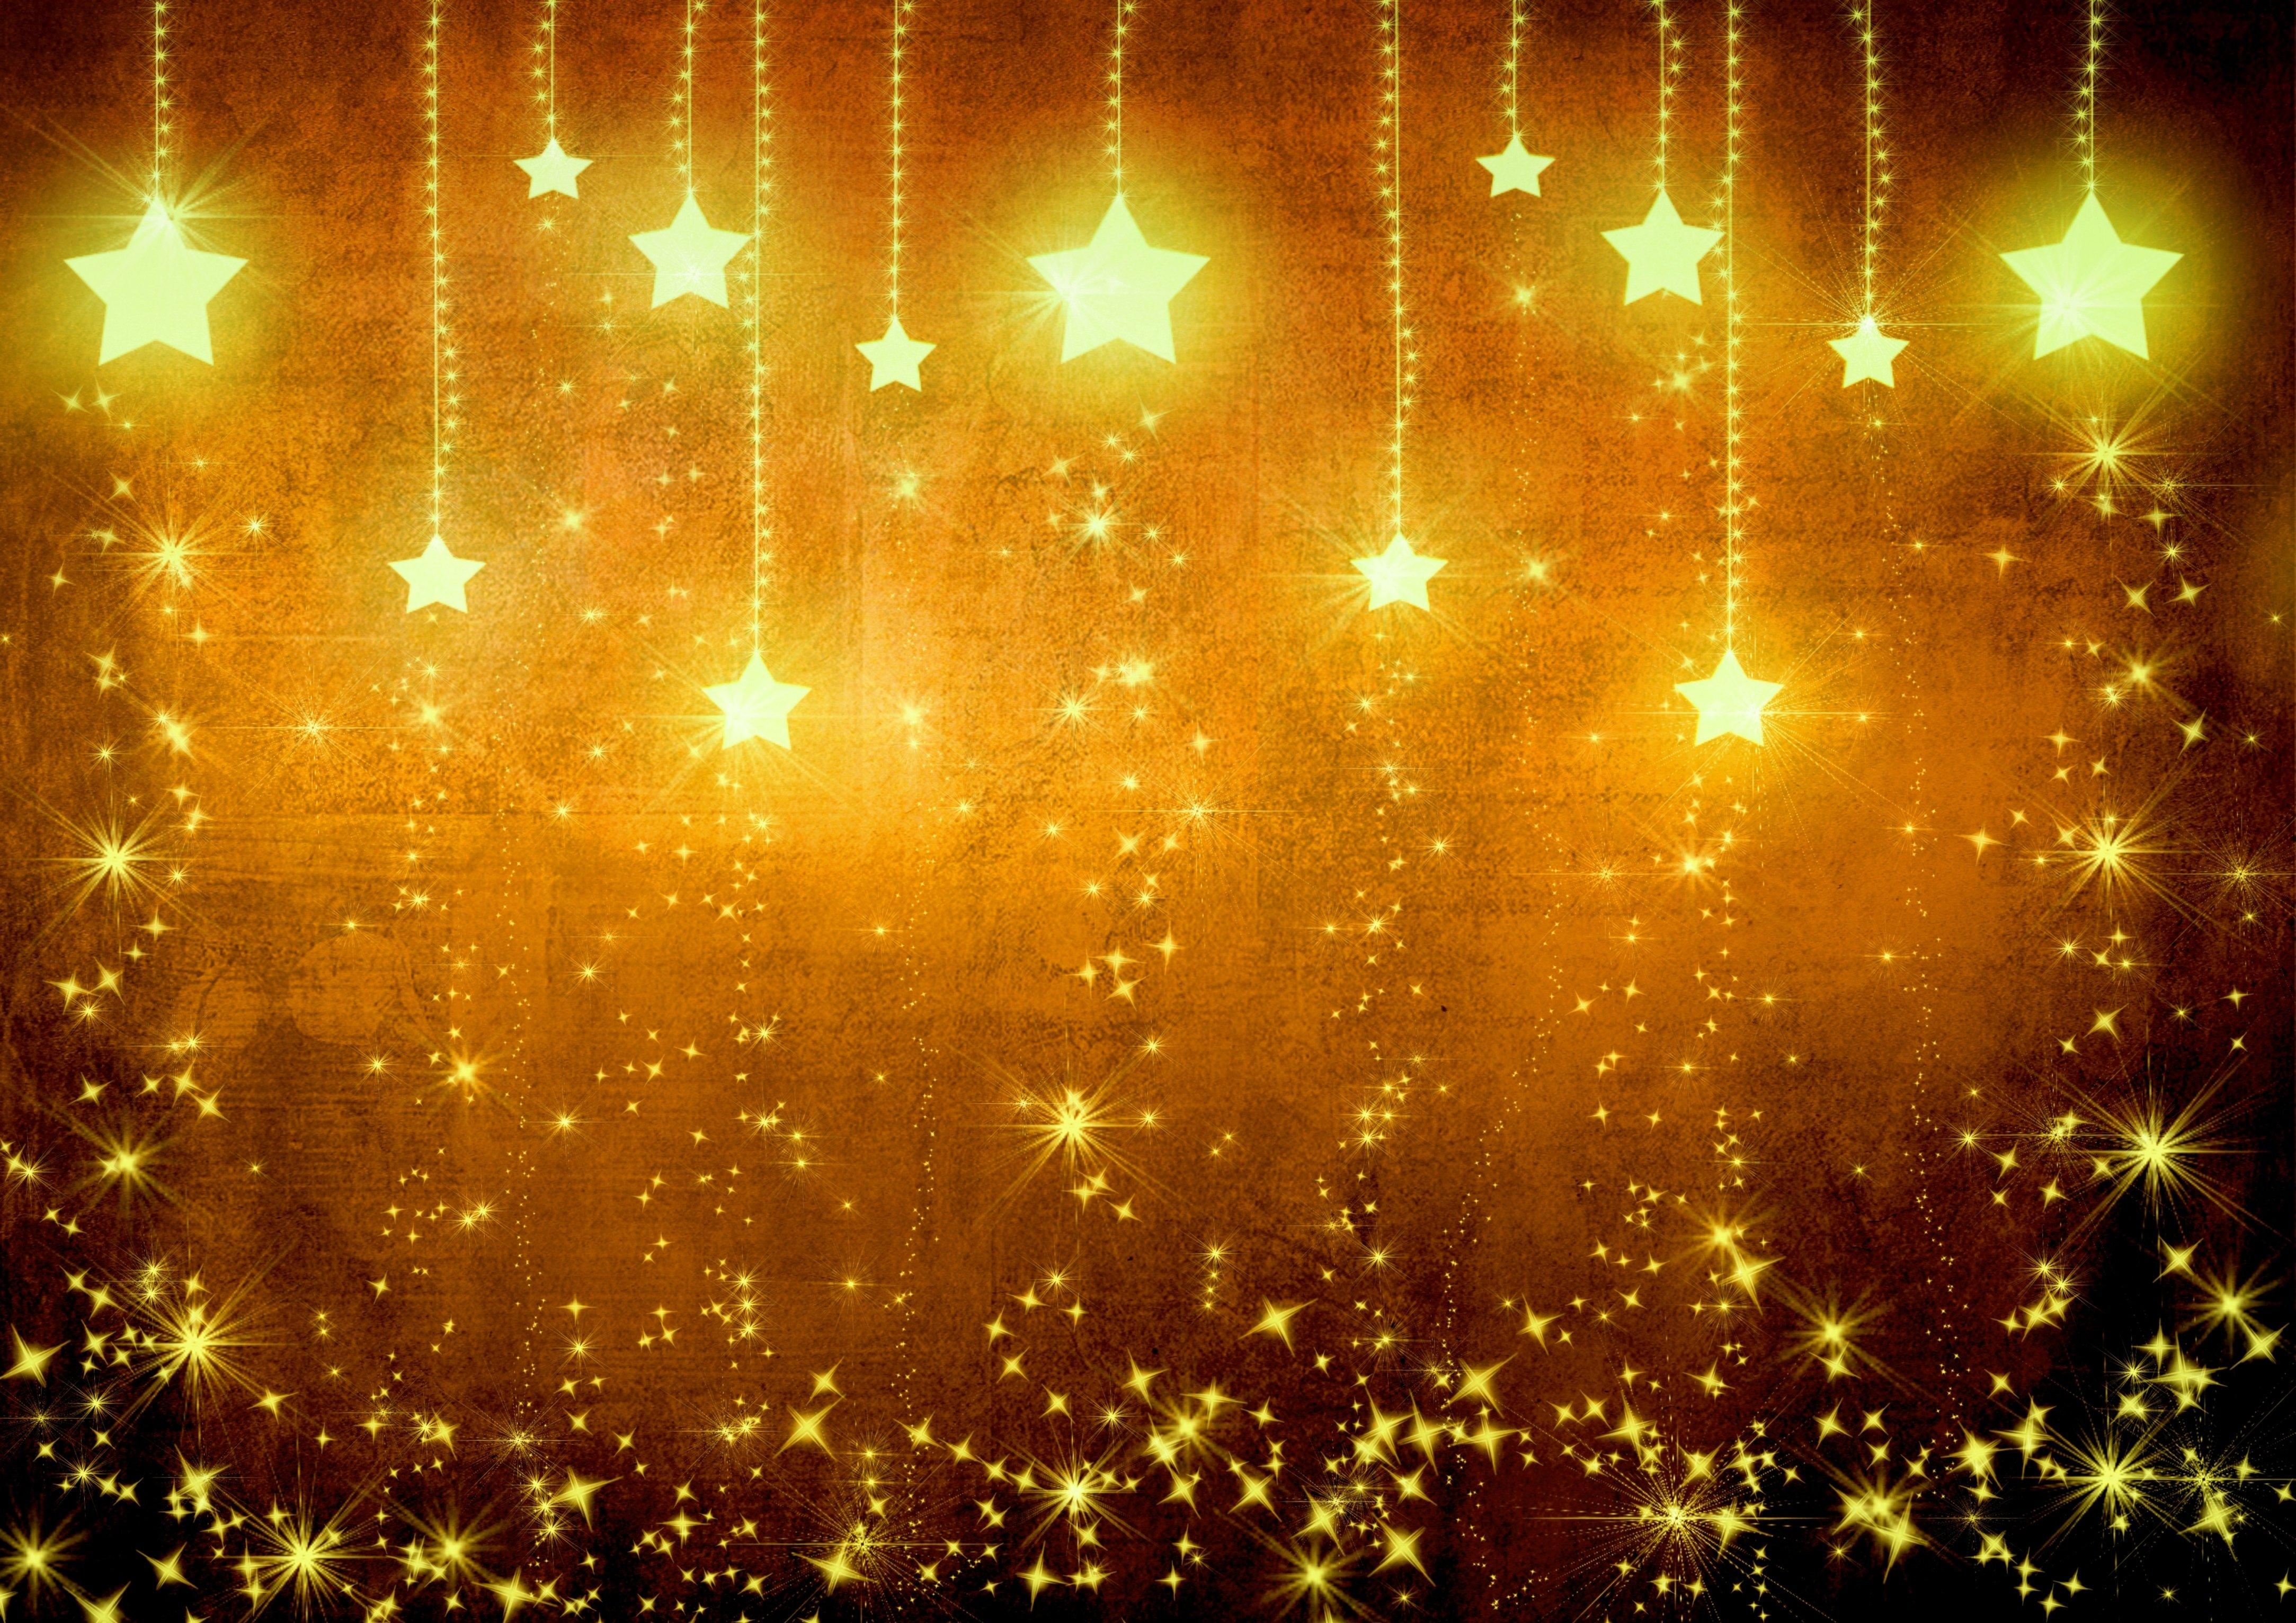 Light Gold Background wallpaper wallpaper hd background desktop 4334x3064